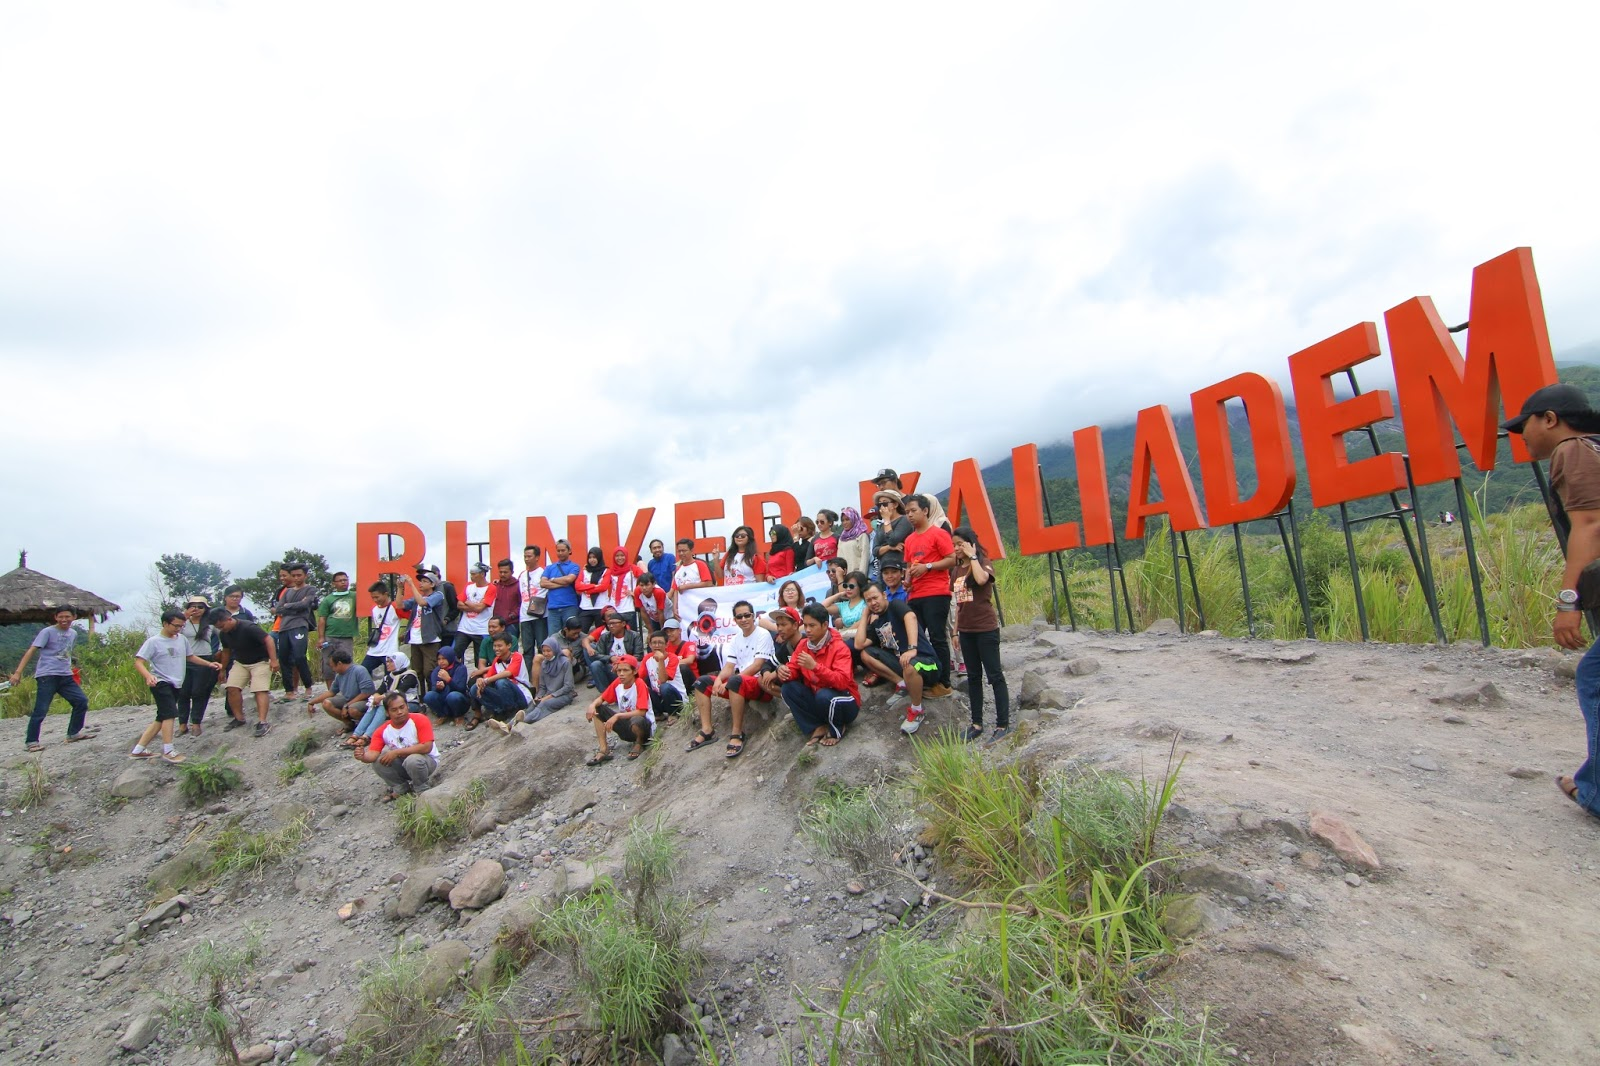 Ennay Journey Bunker Kaliadem Gunung Merapi Lokasi Berada Desa Kepuharjo